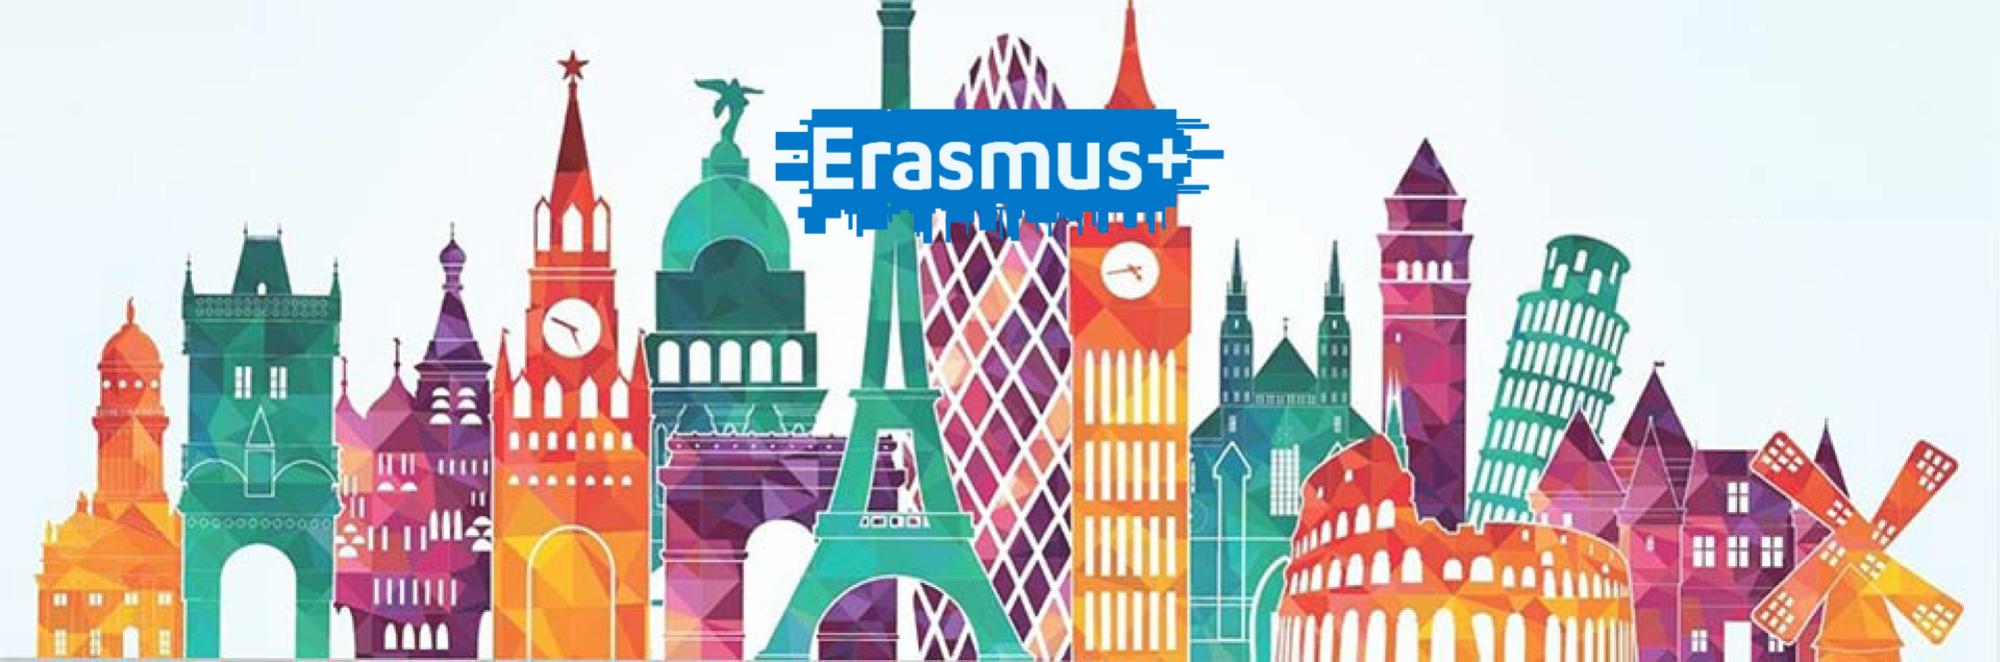 erasmus-1606218296.png